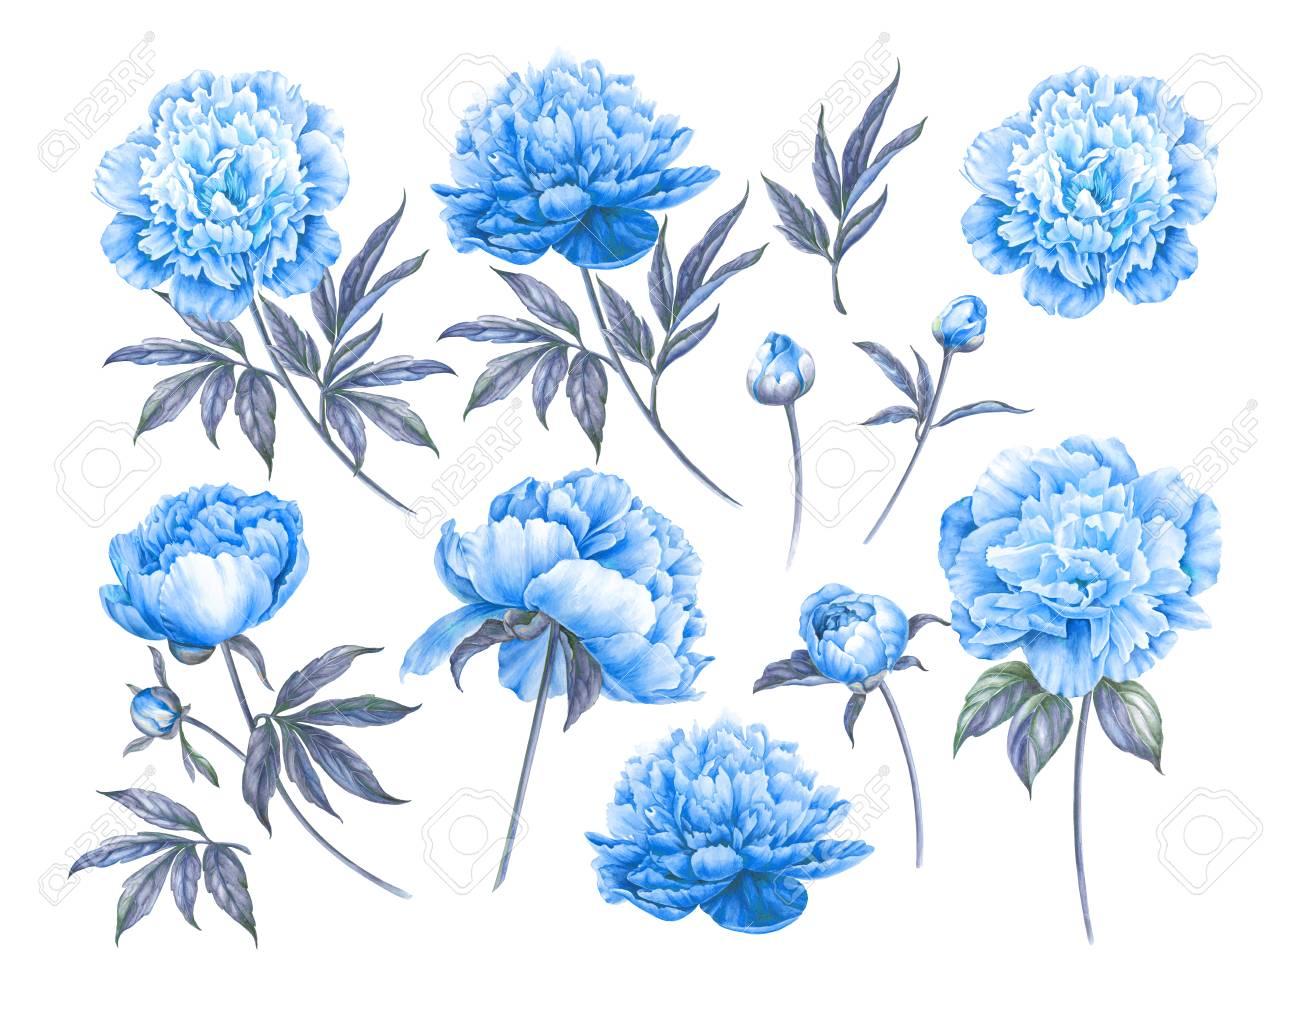 Conjunto De Elementos Florales Botánicos Diseño De Primavera O Verano Para Invitaciones Bodas O Tarjetas De Felicitación Conjunto De Flores Azules